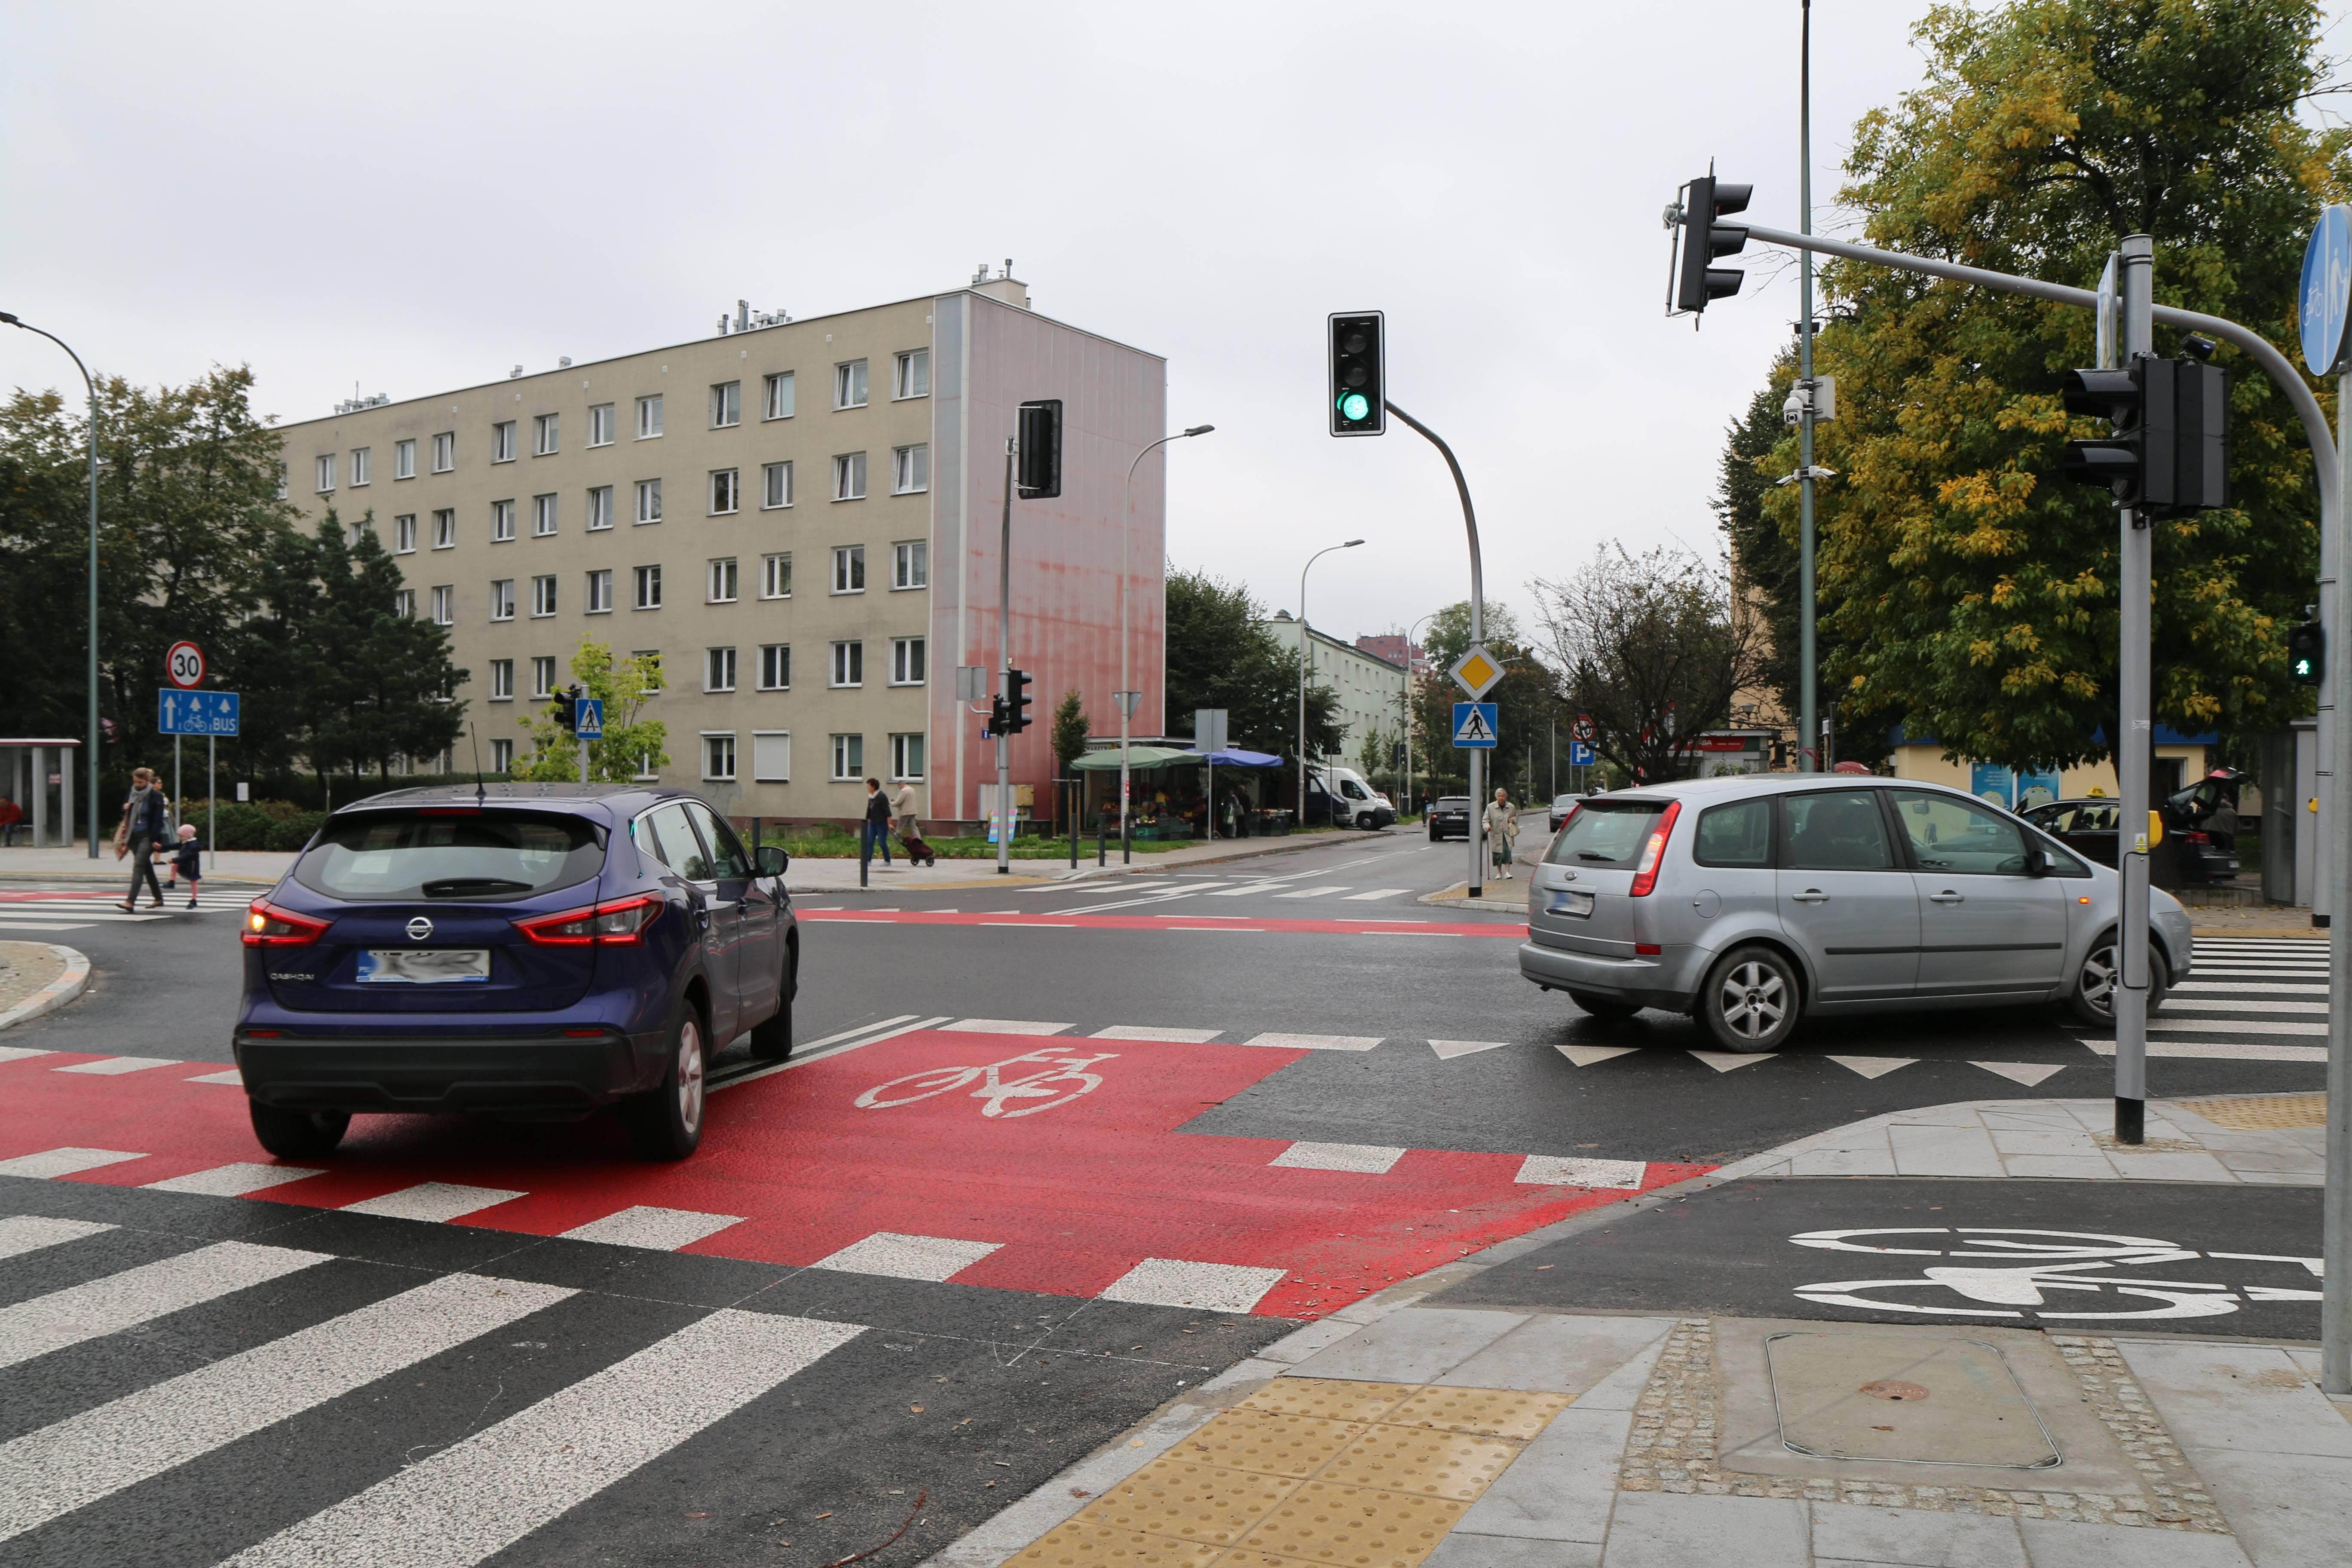 Nowa infrastruktura rowerowa w Piasecznie. Na zdjęciu przejazd rowerowy na skrzyżowaniu ulic Puławskiej i Młynarskiej.